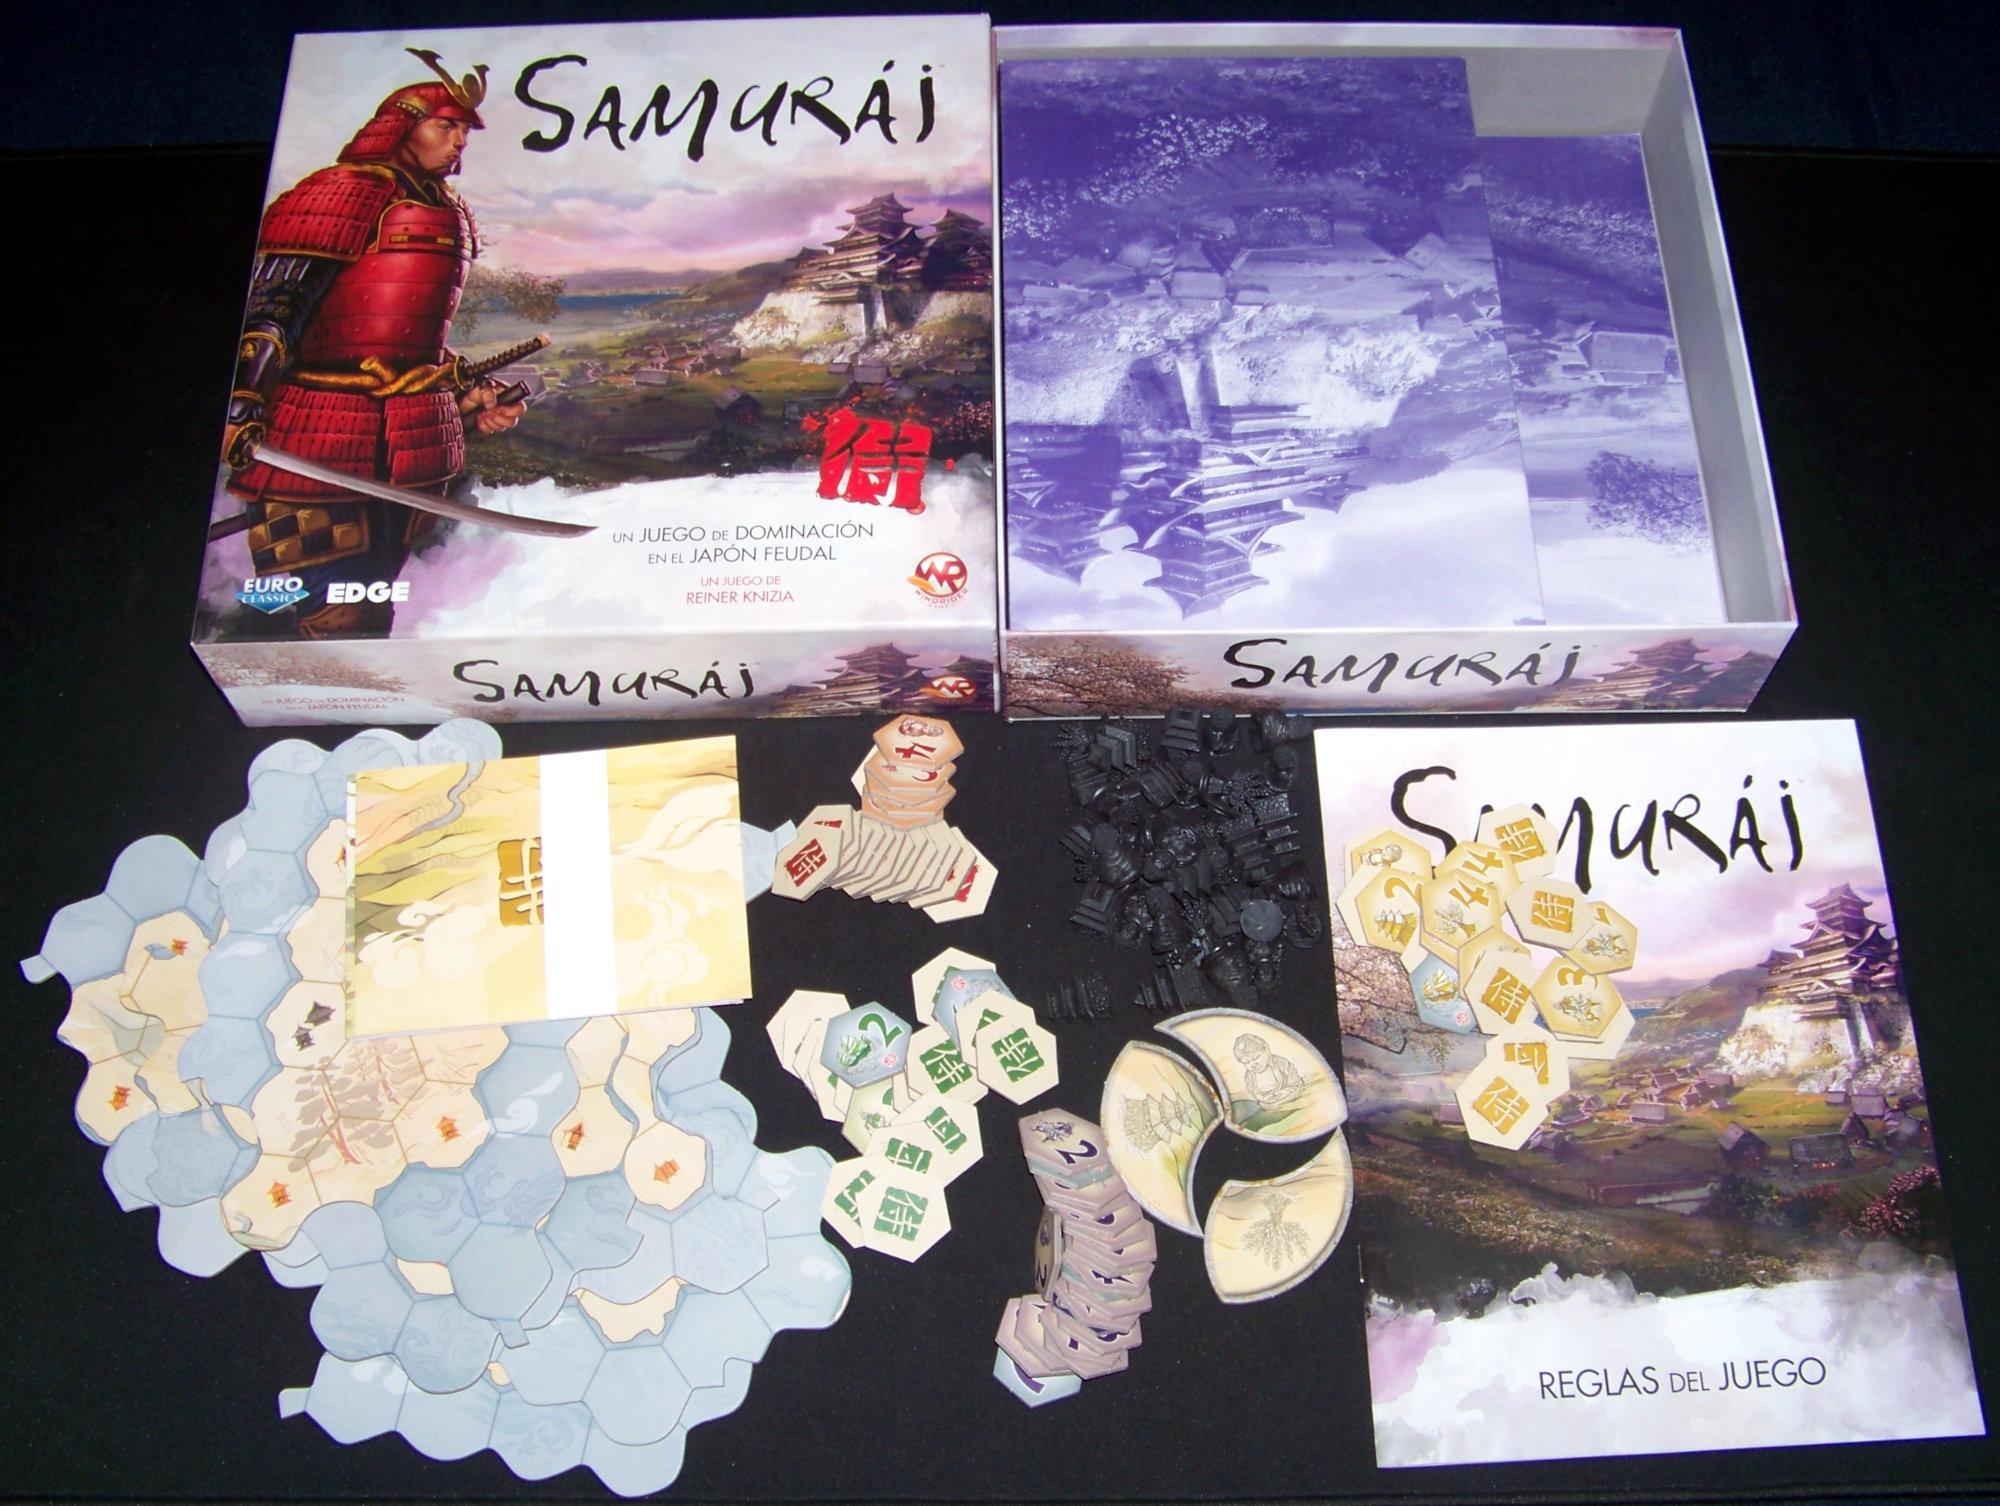 Juego de mesa Samurái - contenido